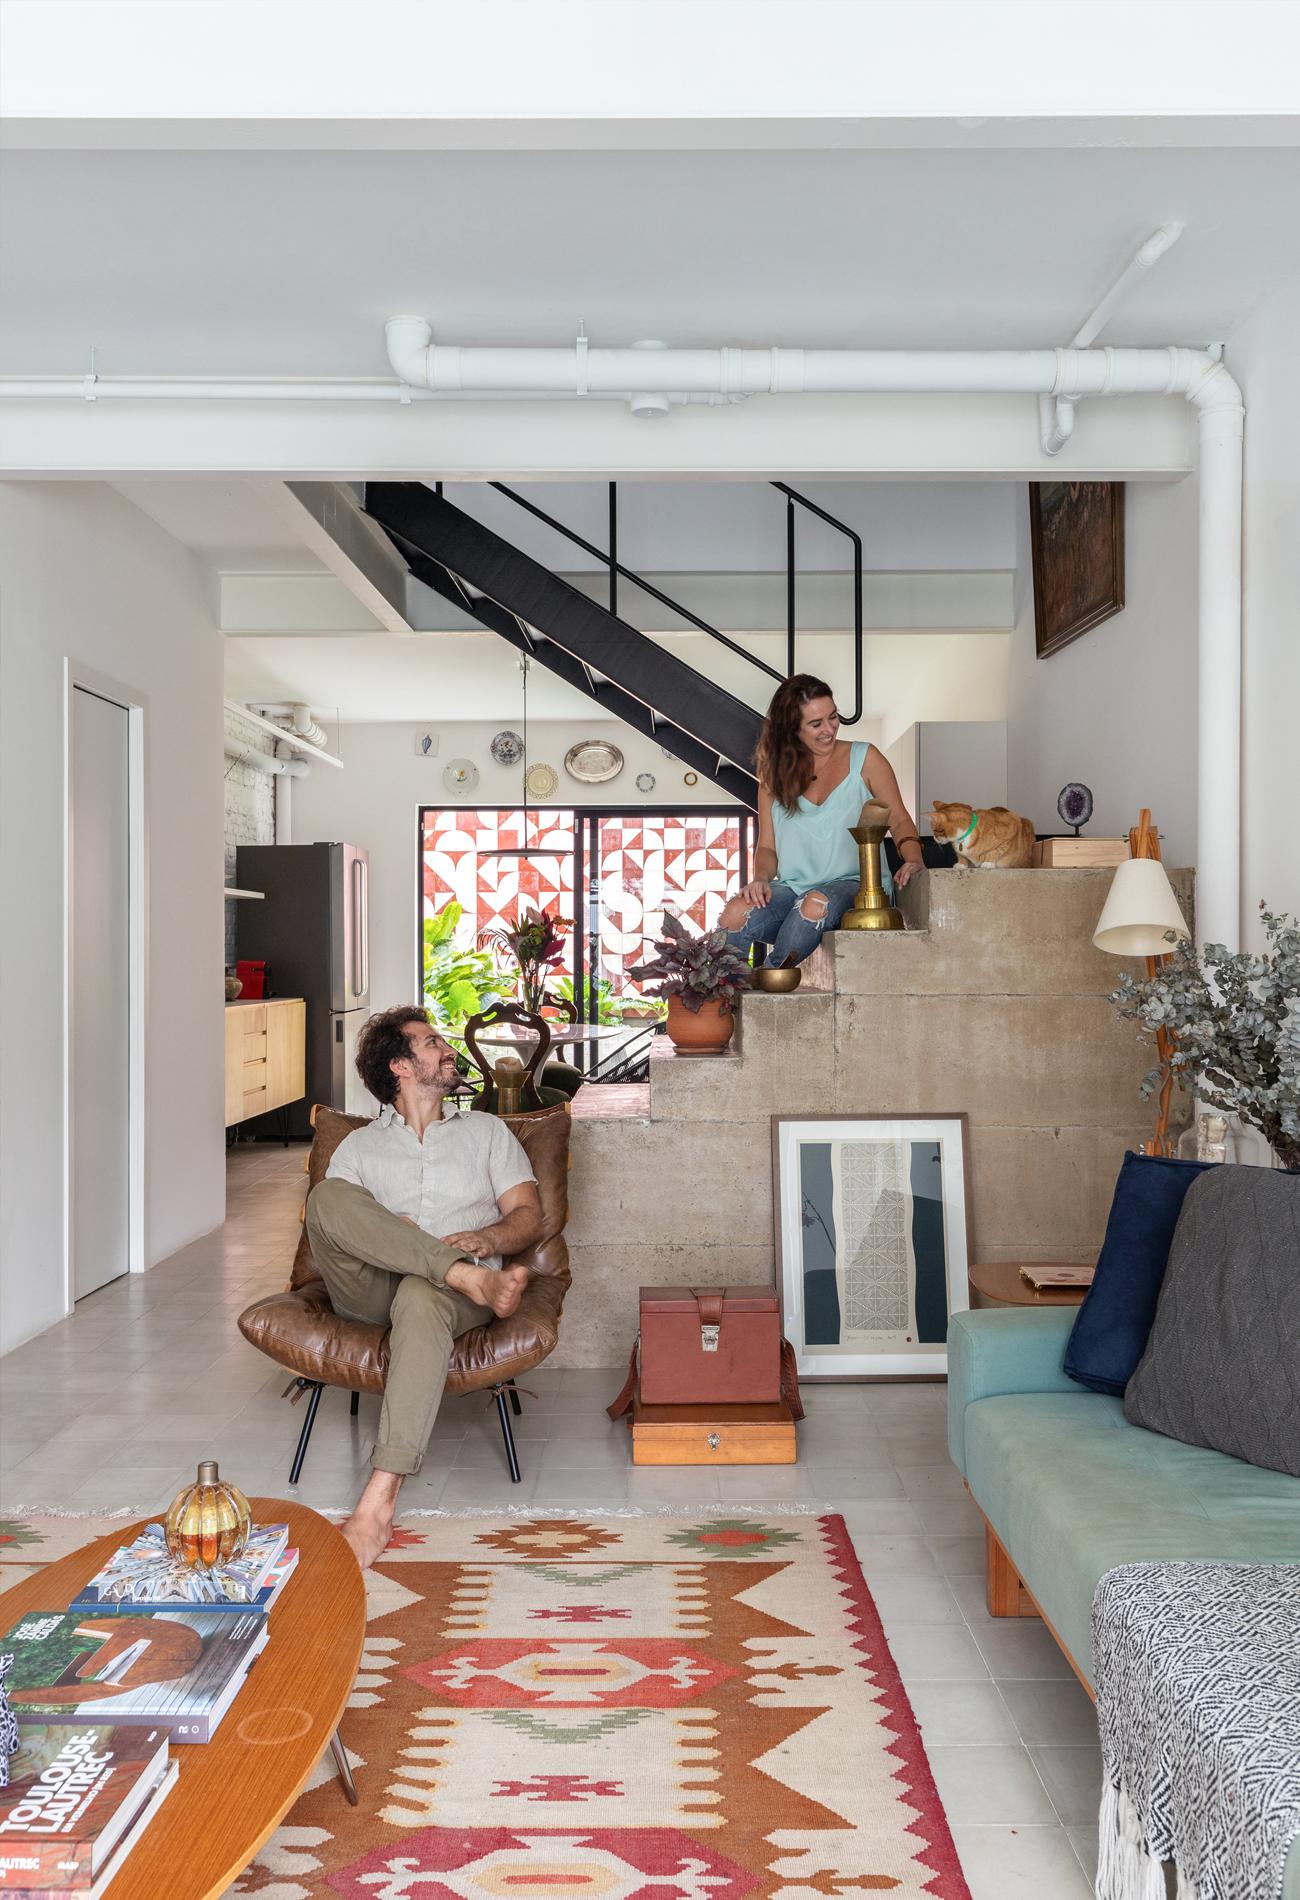 Casa com escada de concreto e tapete colorido